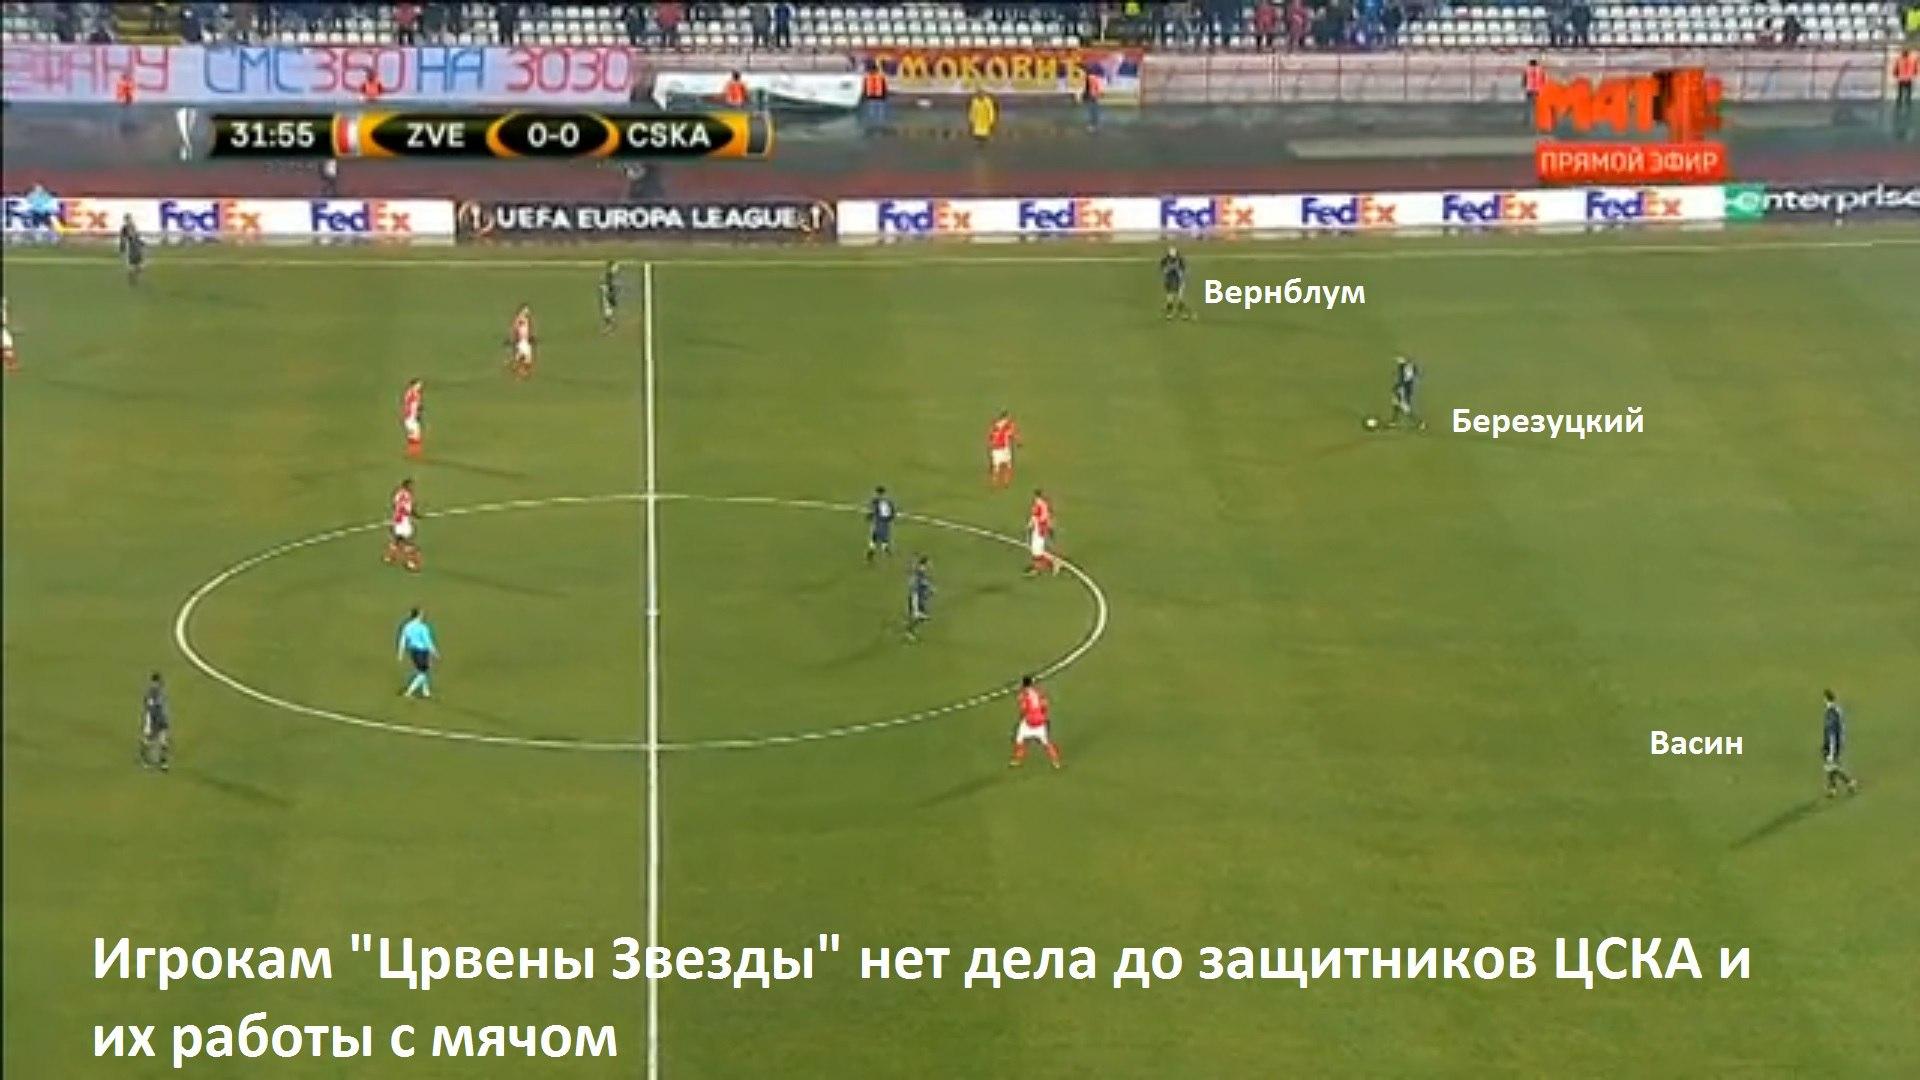 Милоевич придумал, как нейтрализовать Мусу! ЦСКА больше не фаворит пары